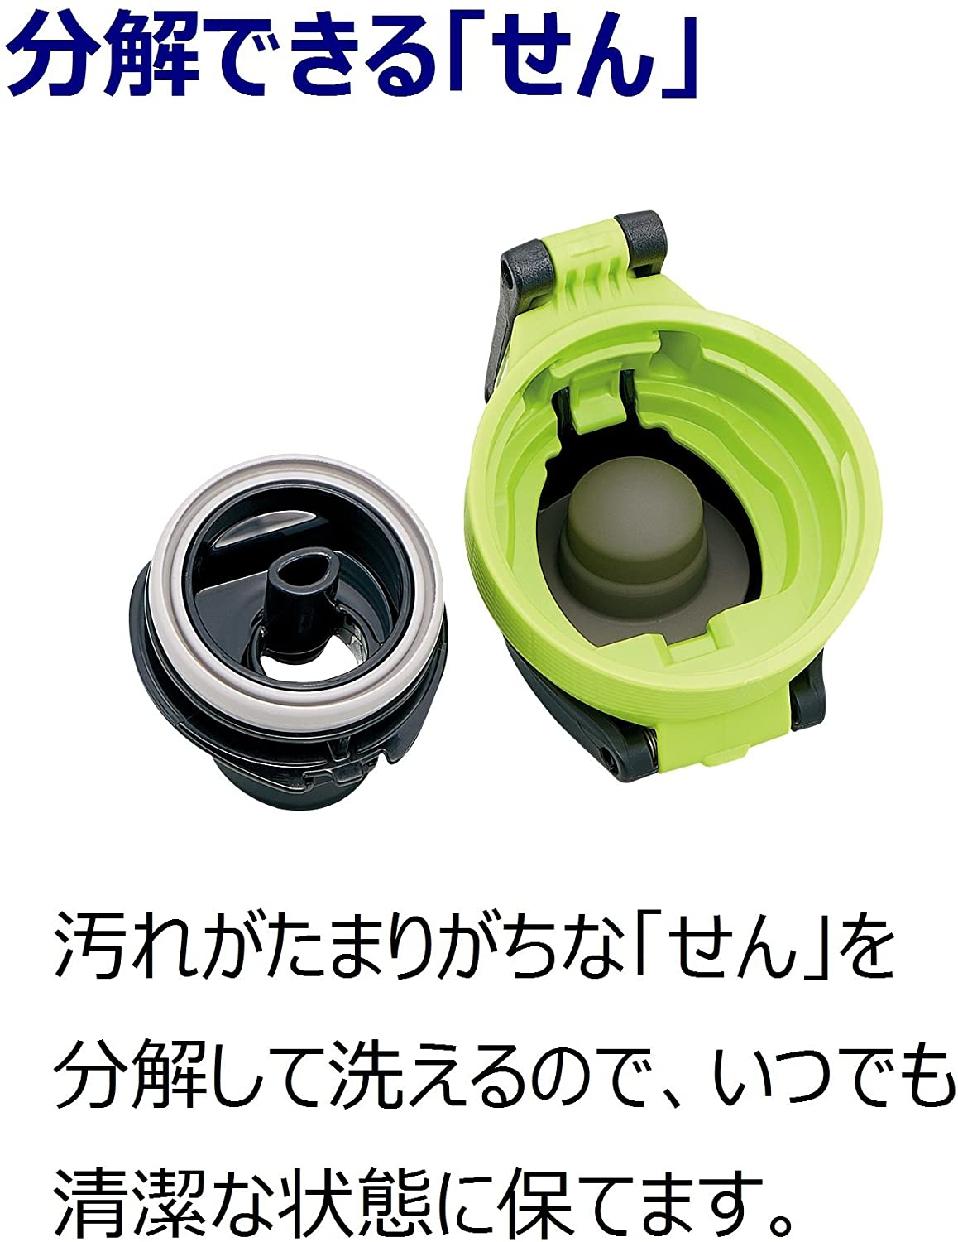 象印(ZOJIRUSHI) クール スポーツボトル 1.0L SD-FA10-BGの商品画像5